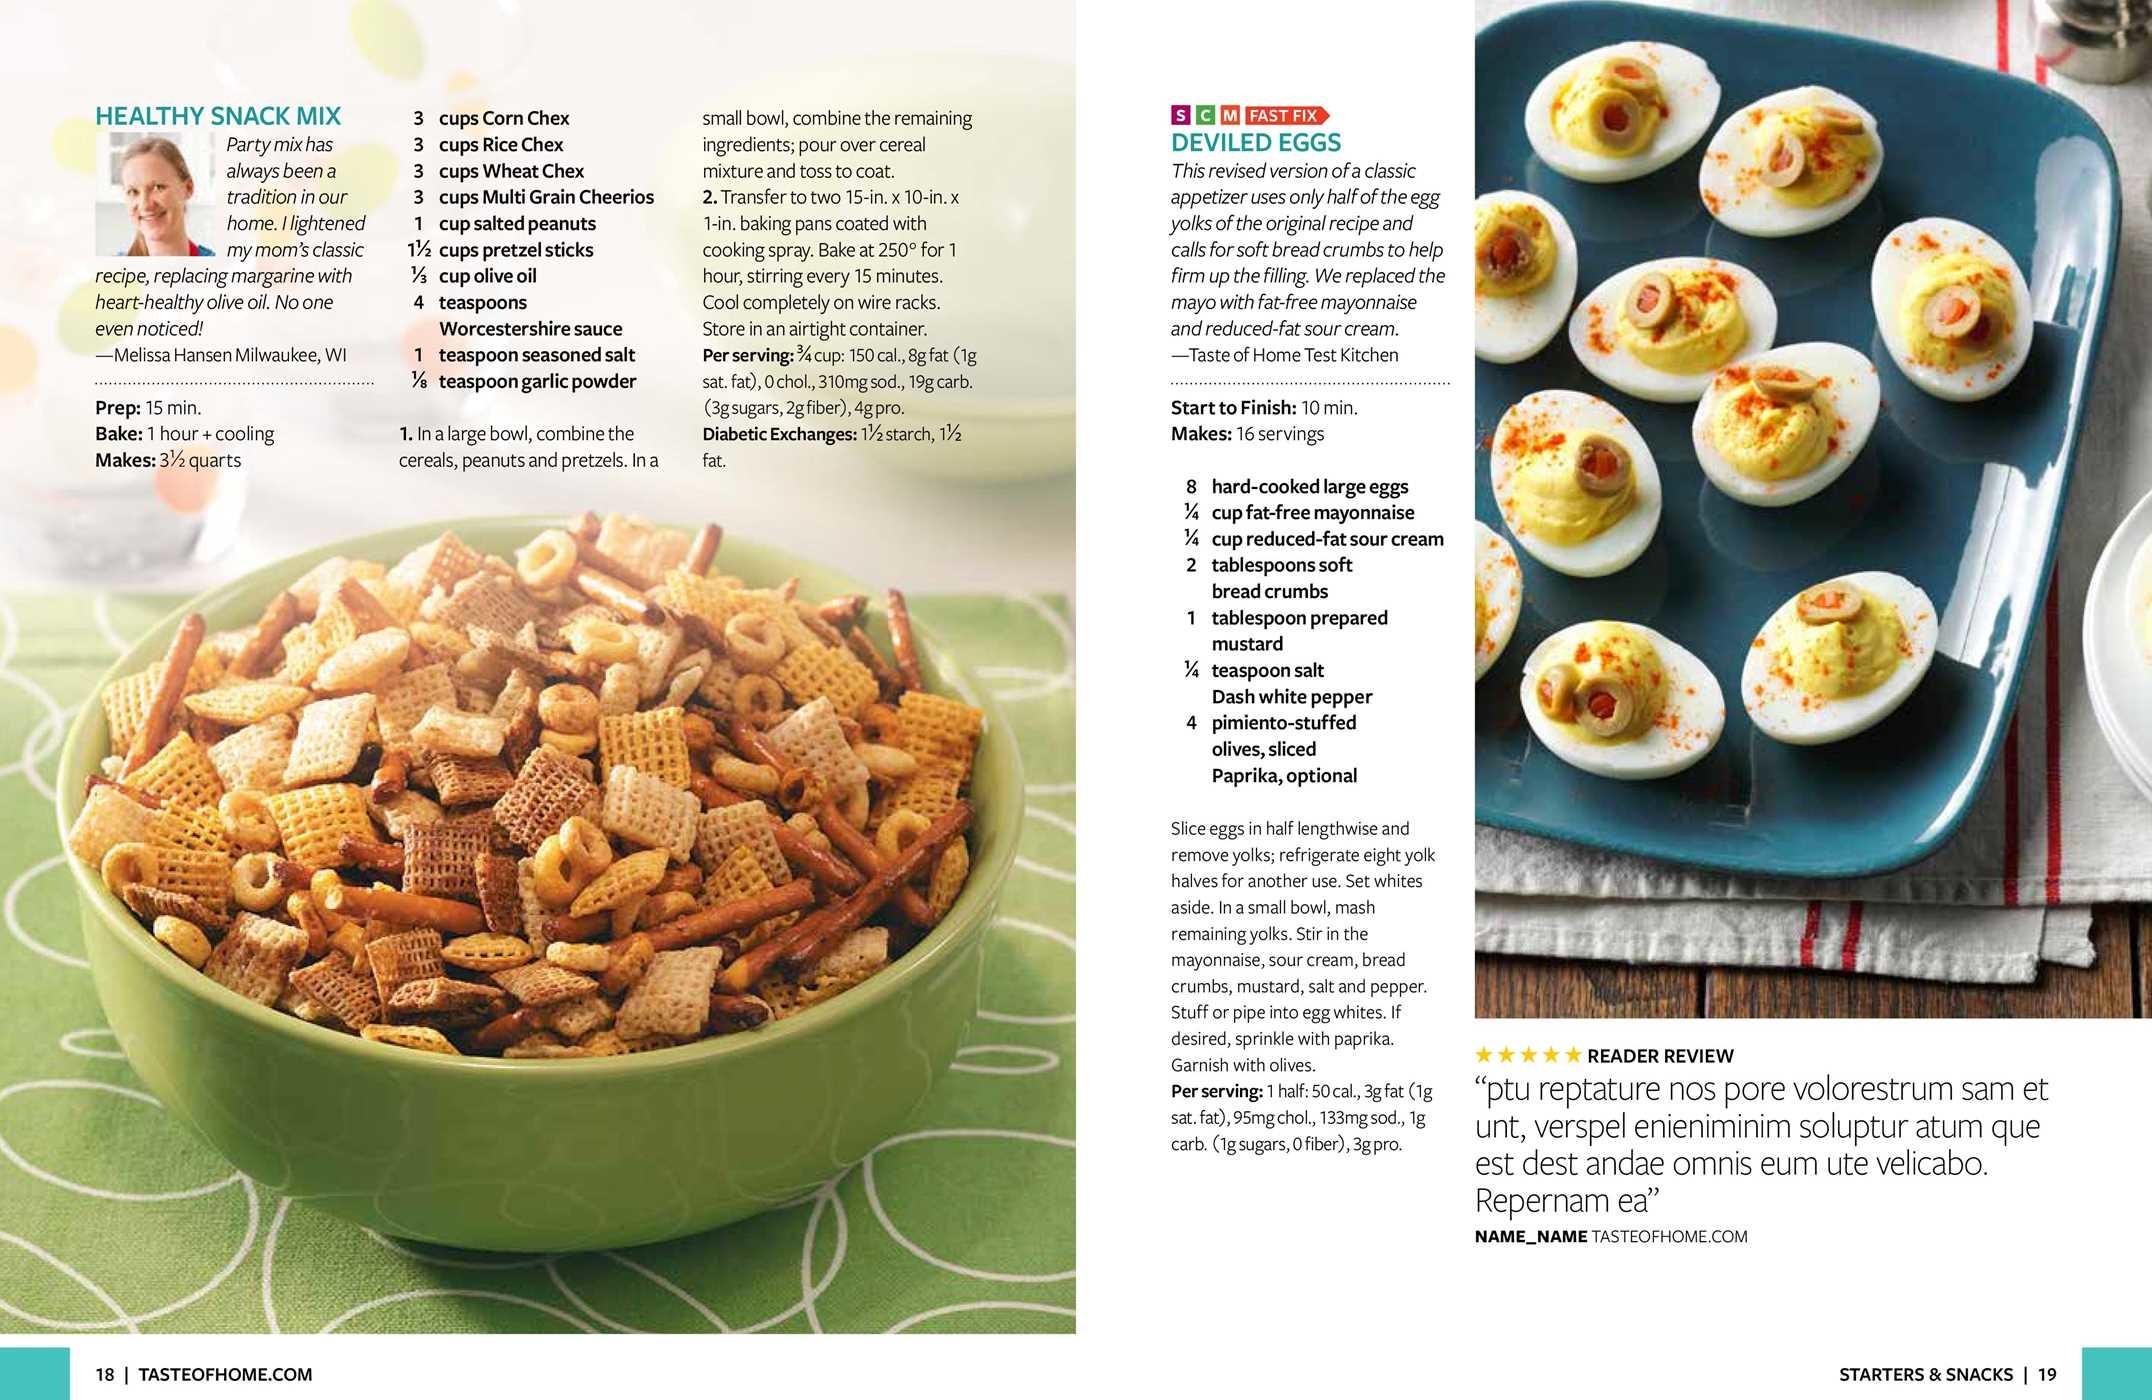 Taste of home simply healthy cookbook 9781617657191.in08